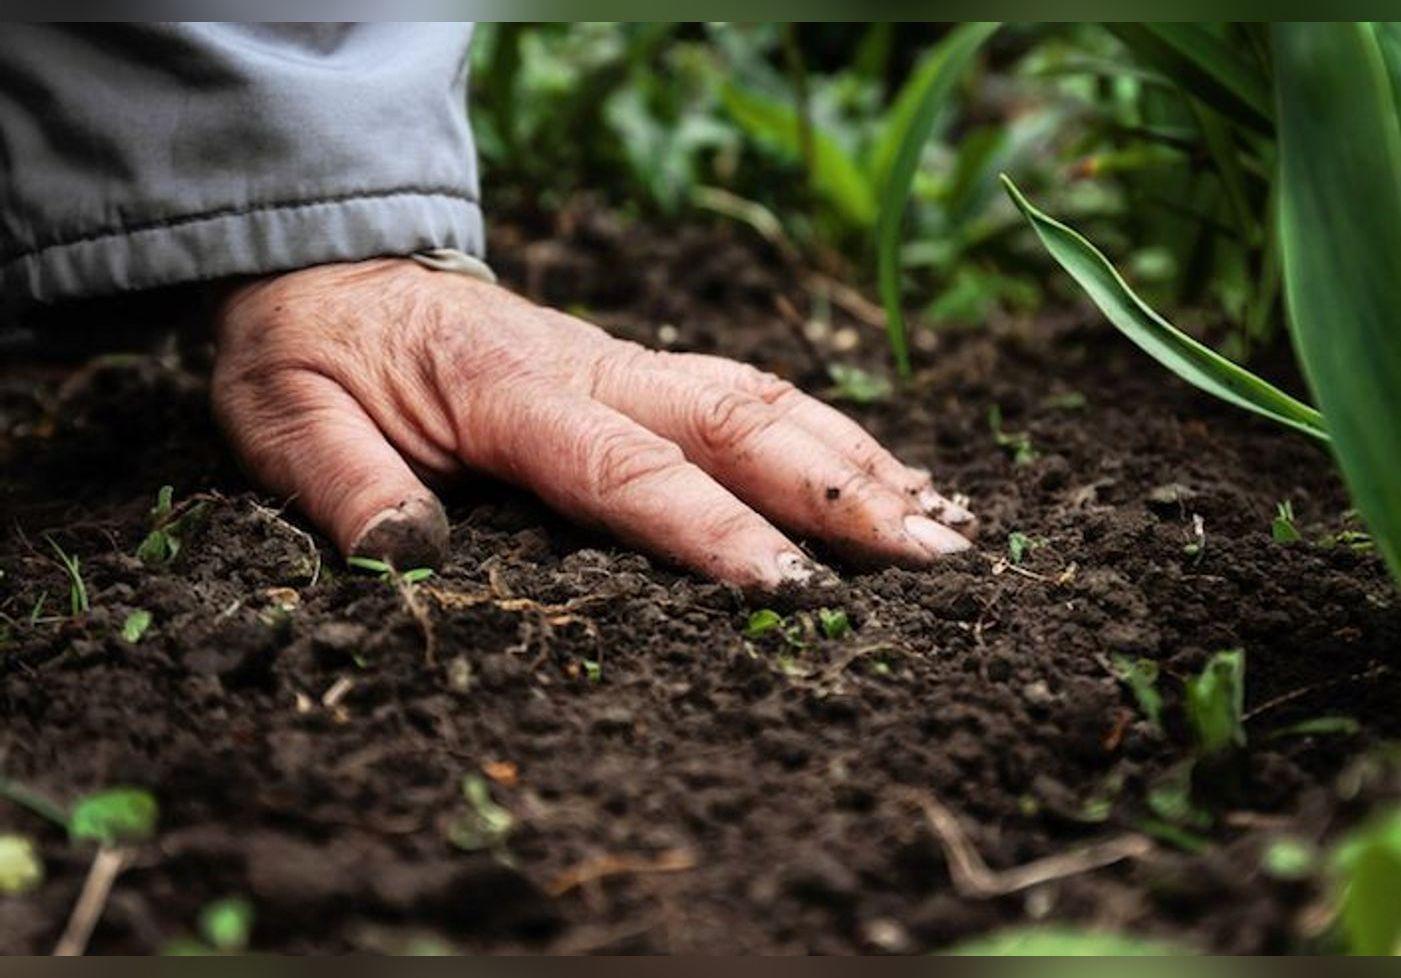 Voici des engrais naturels fait maison pour fertiliser soi-même ses plantations !